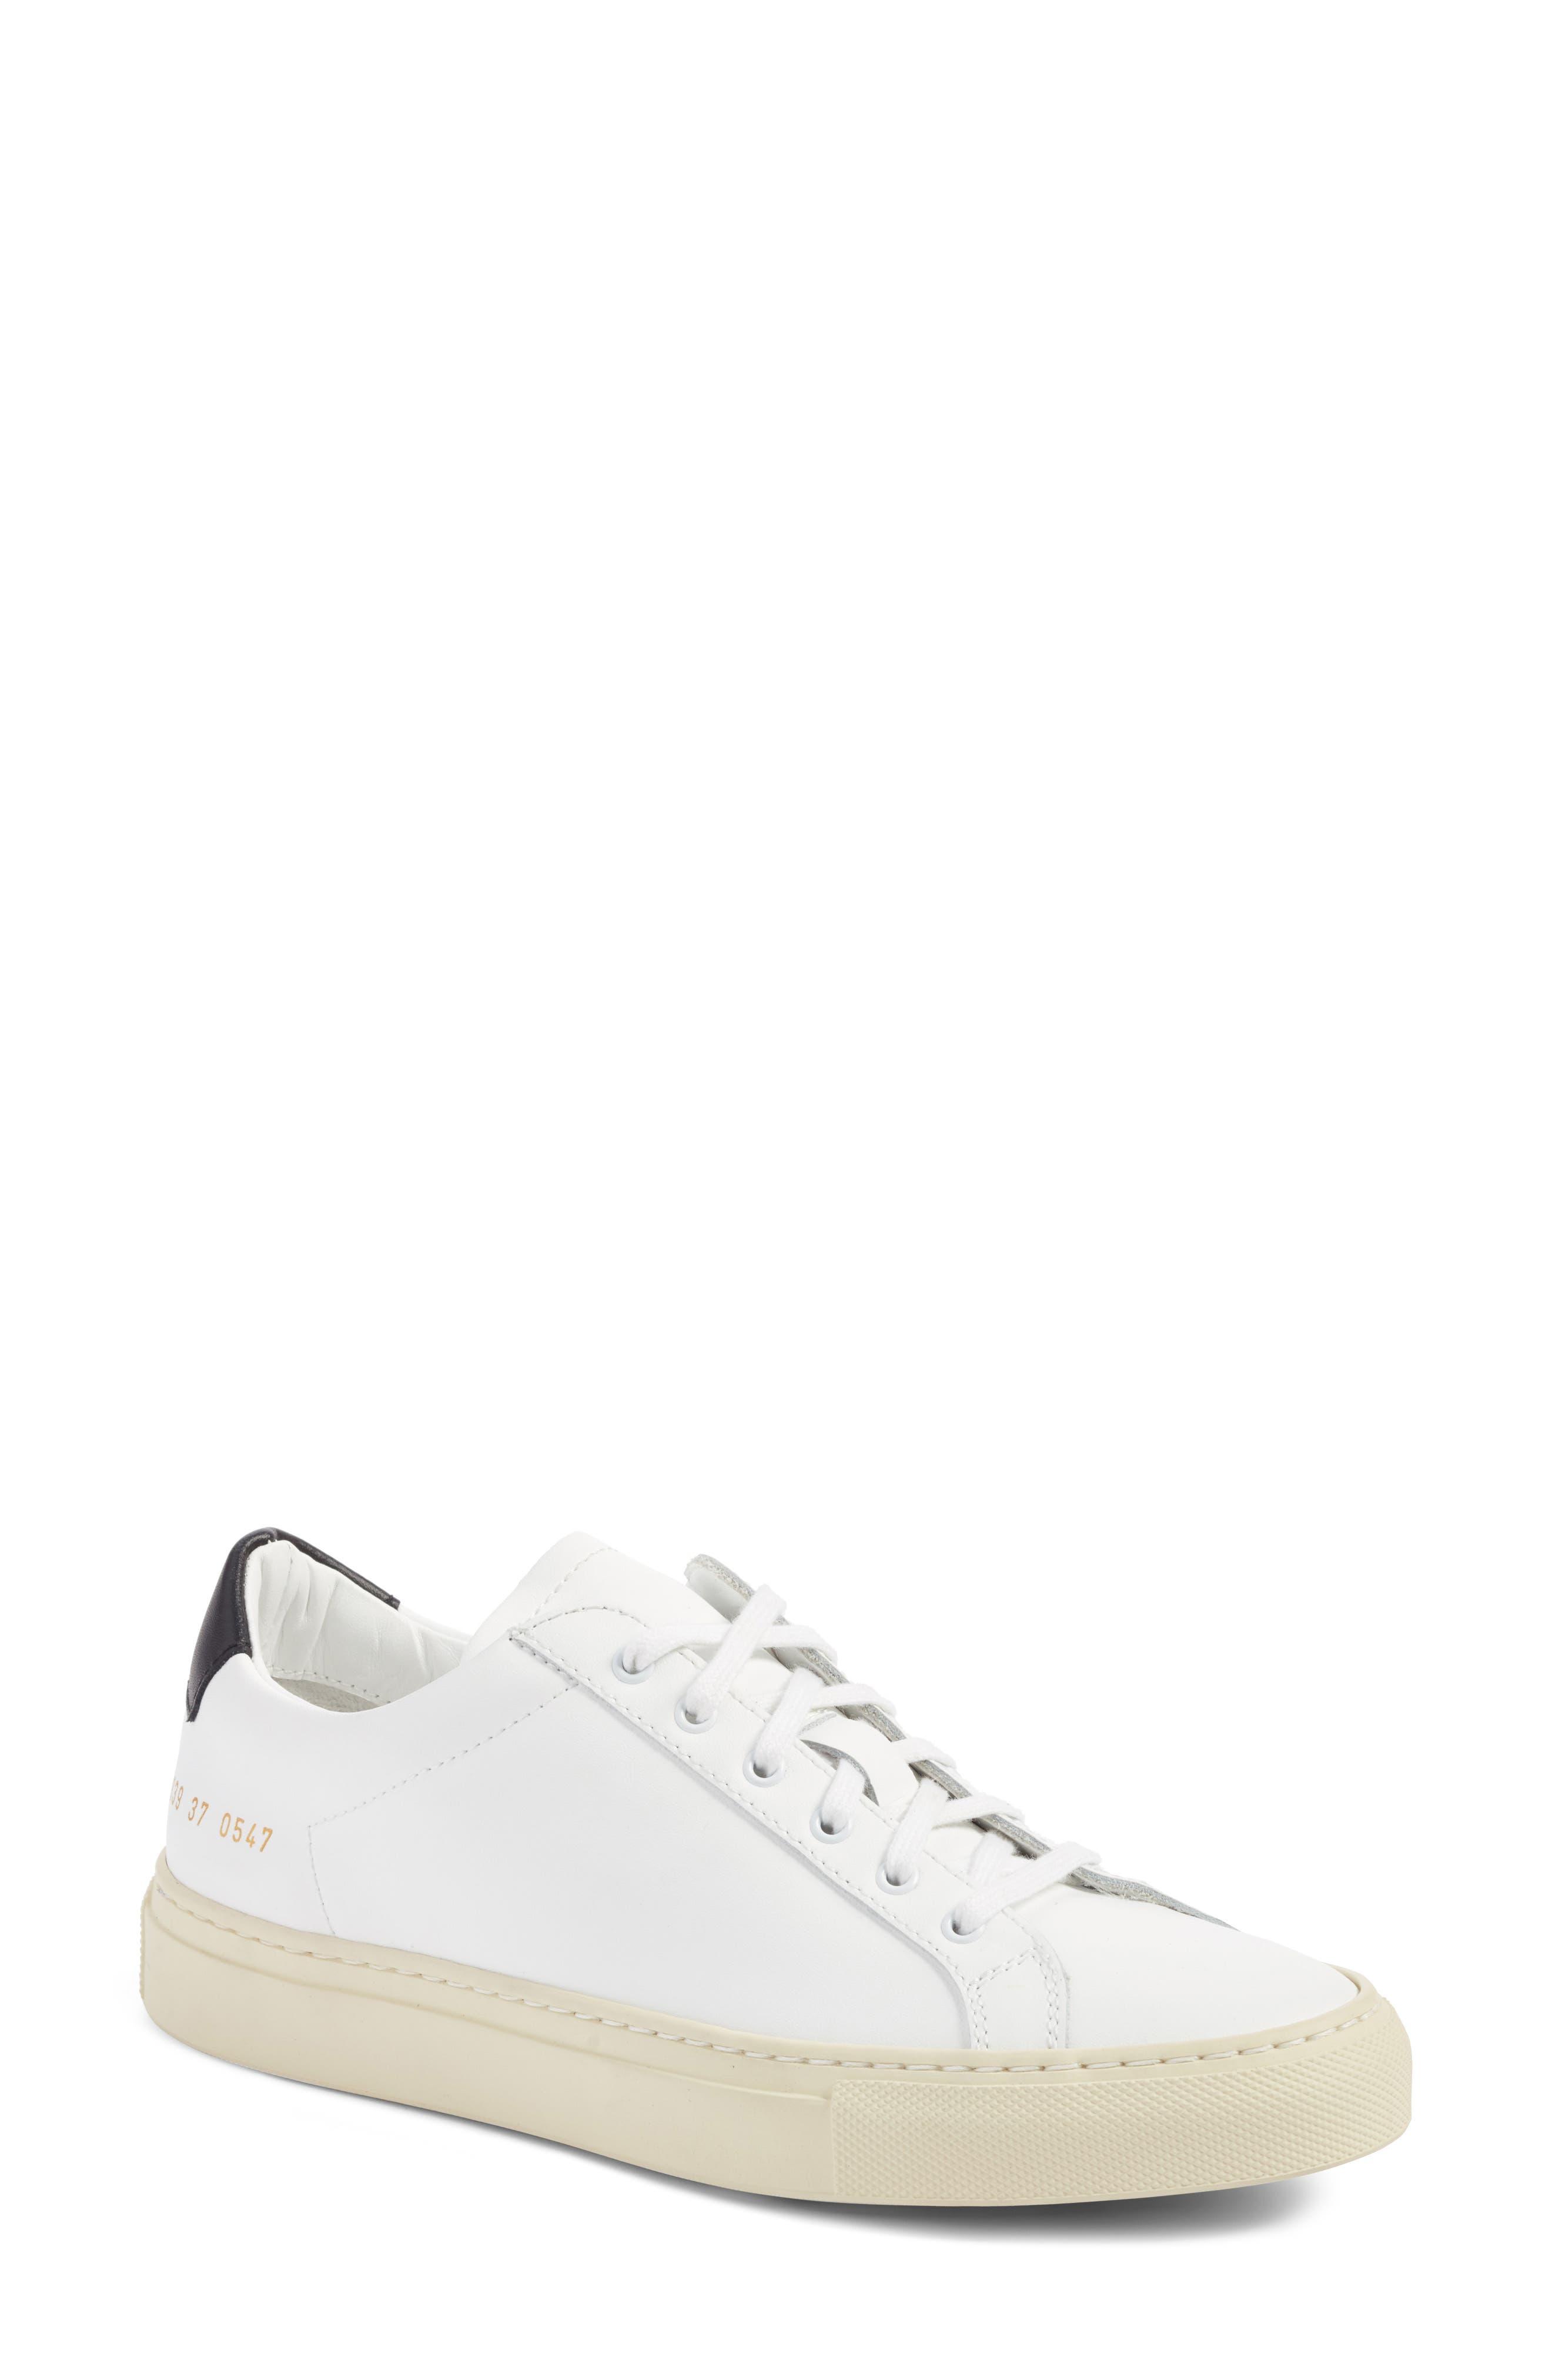 Achilles Low Top Sneaker,                             Main thumbnail 1, color,                             101